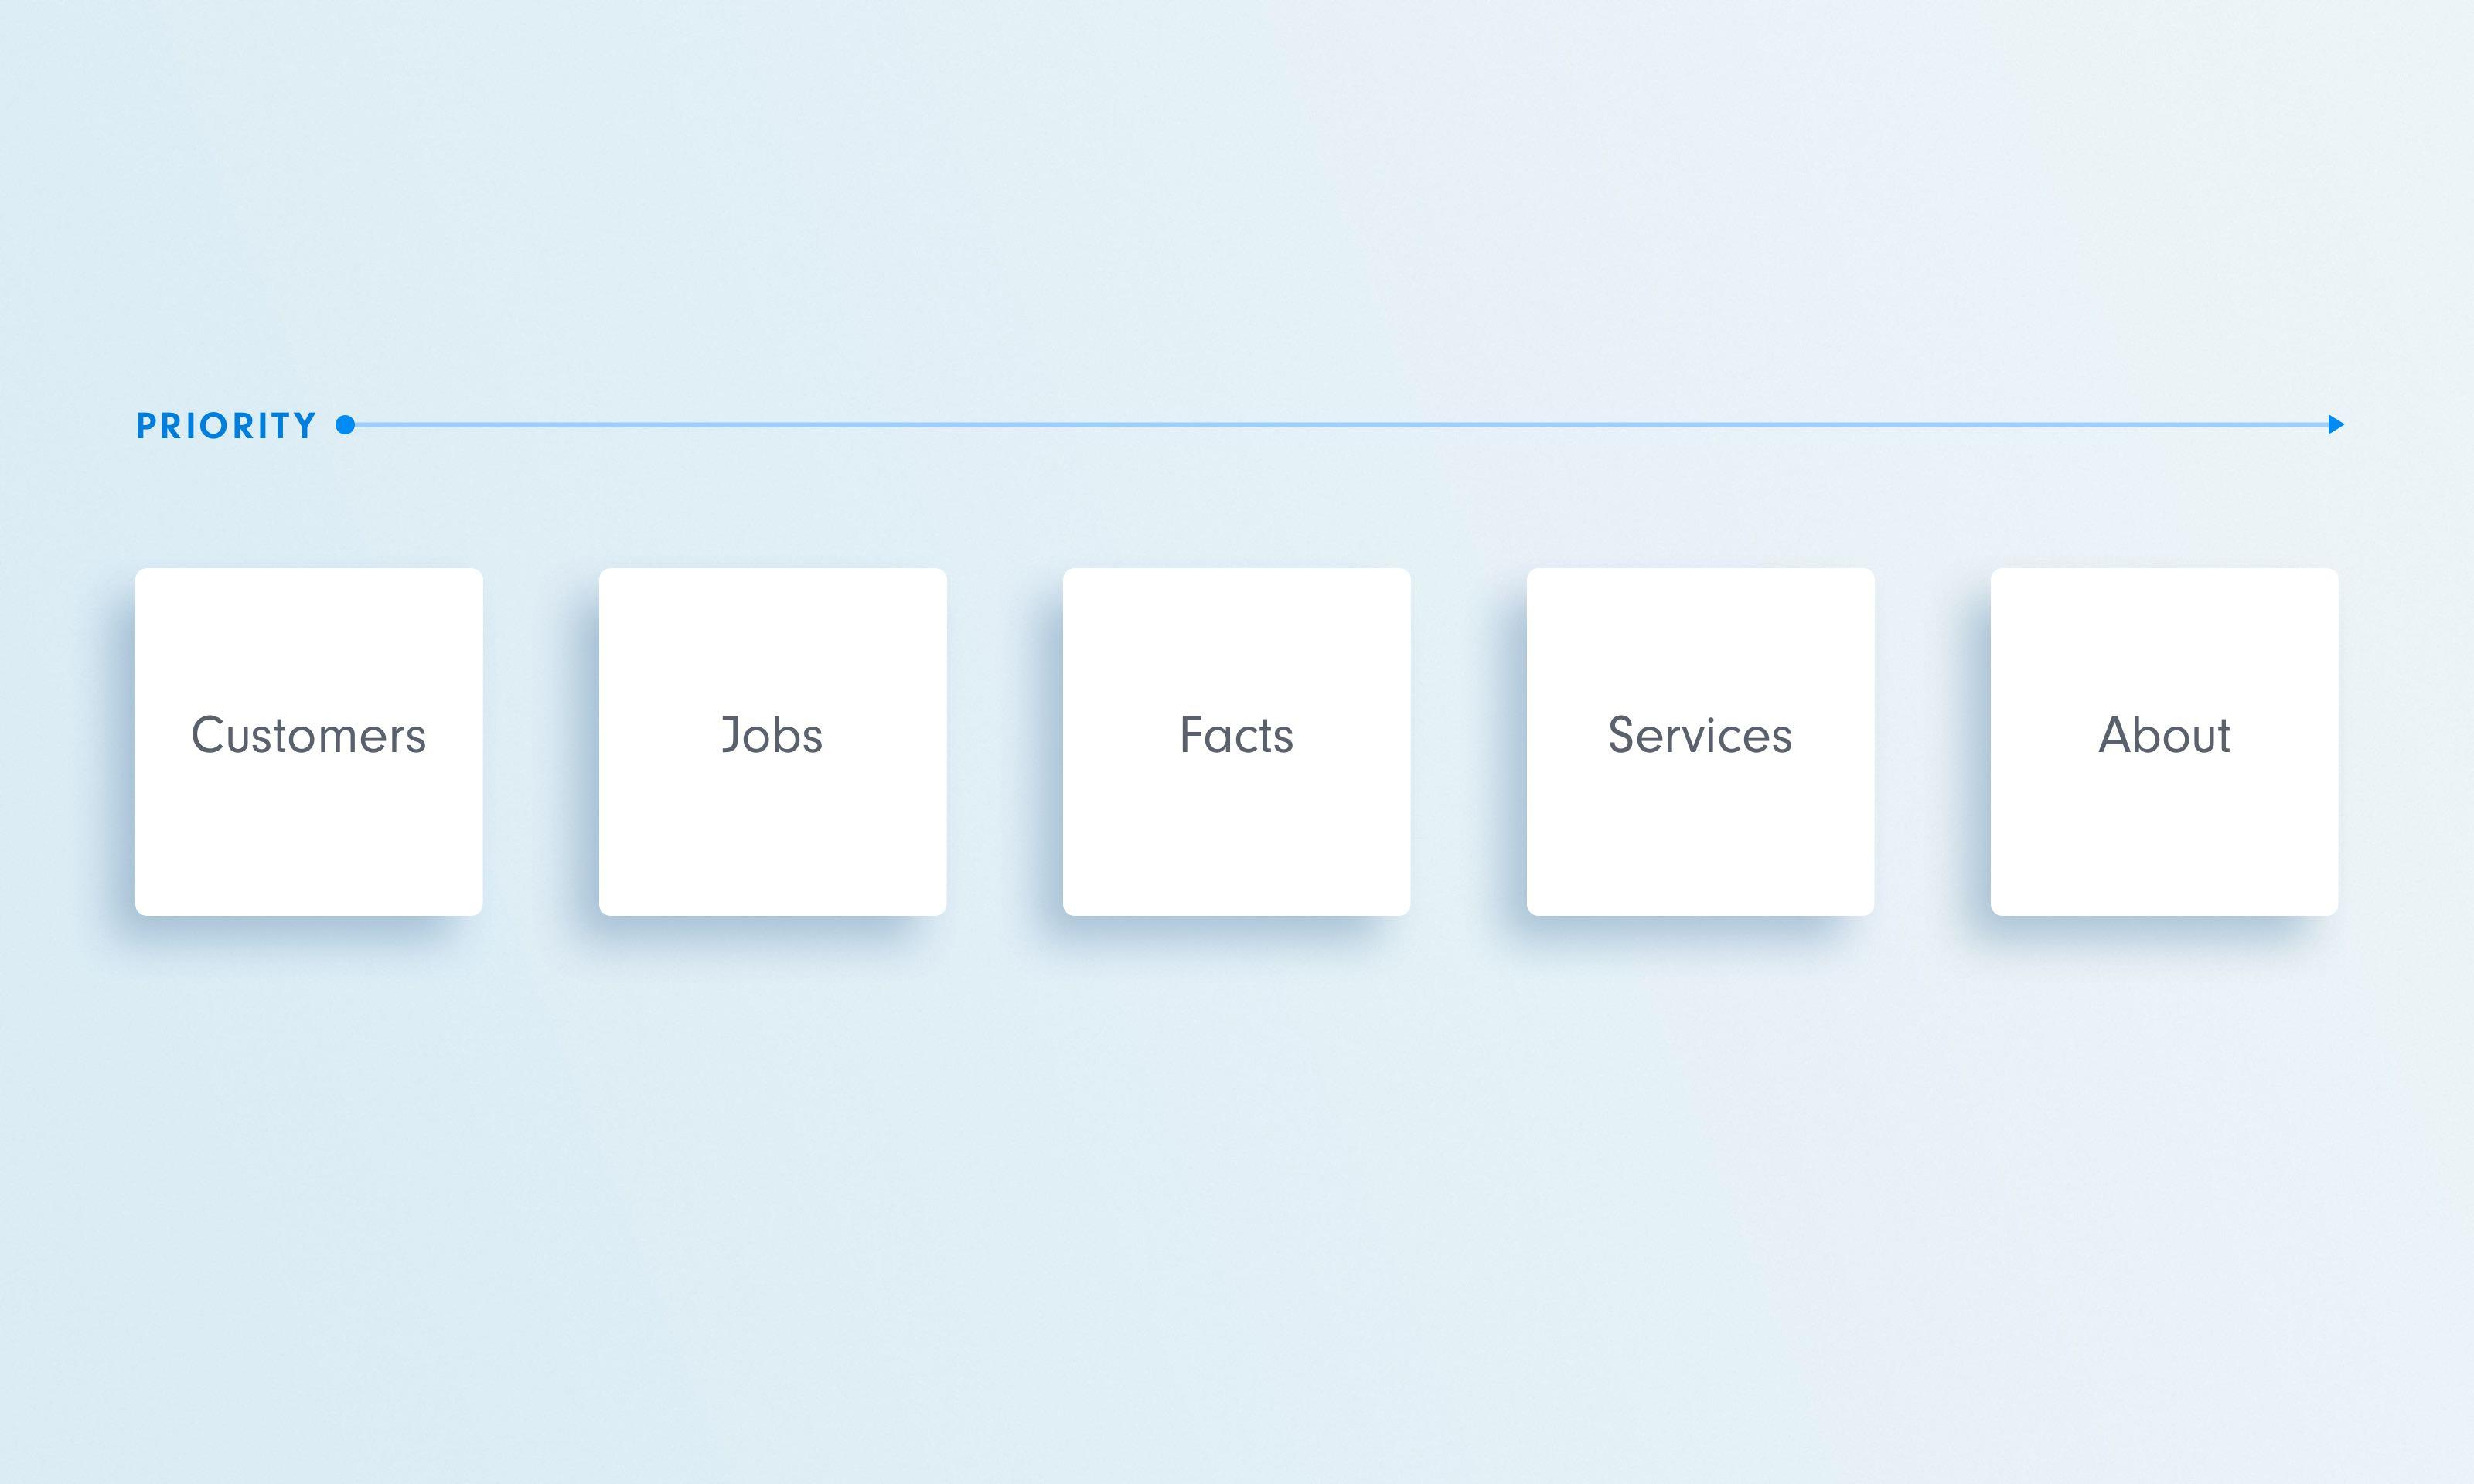 Grafik mit hellblauen Hintergrund, Priority mit langem Pfeil nach rechts, darunter 5 Cards mit den Begriffen Customer, Jobs, Facts, Services, About